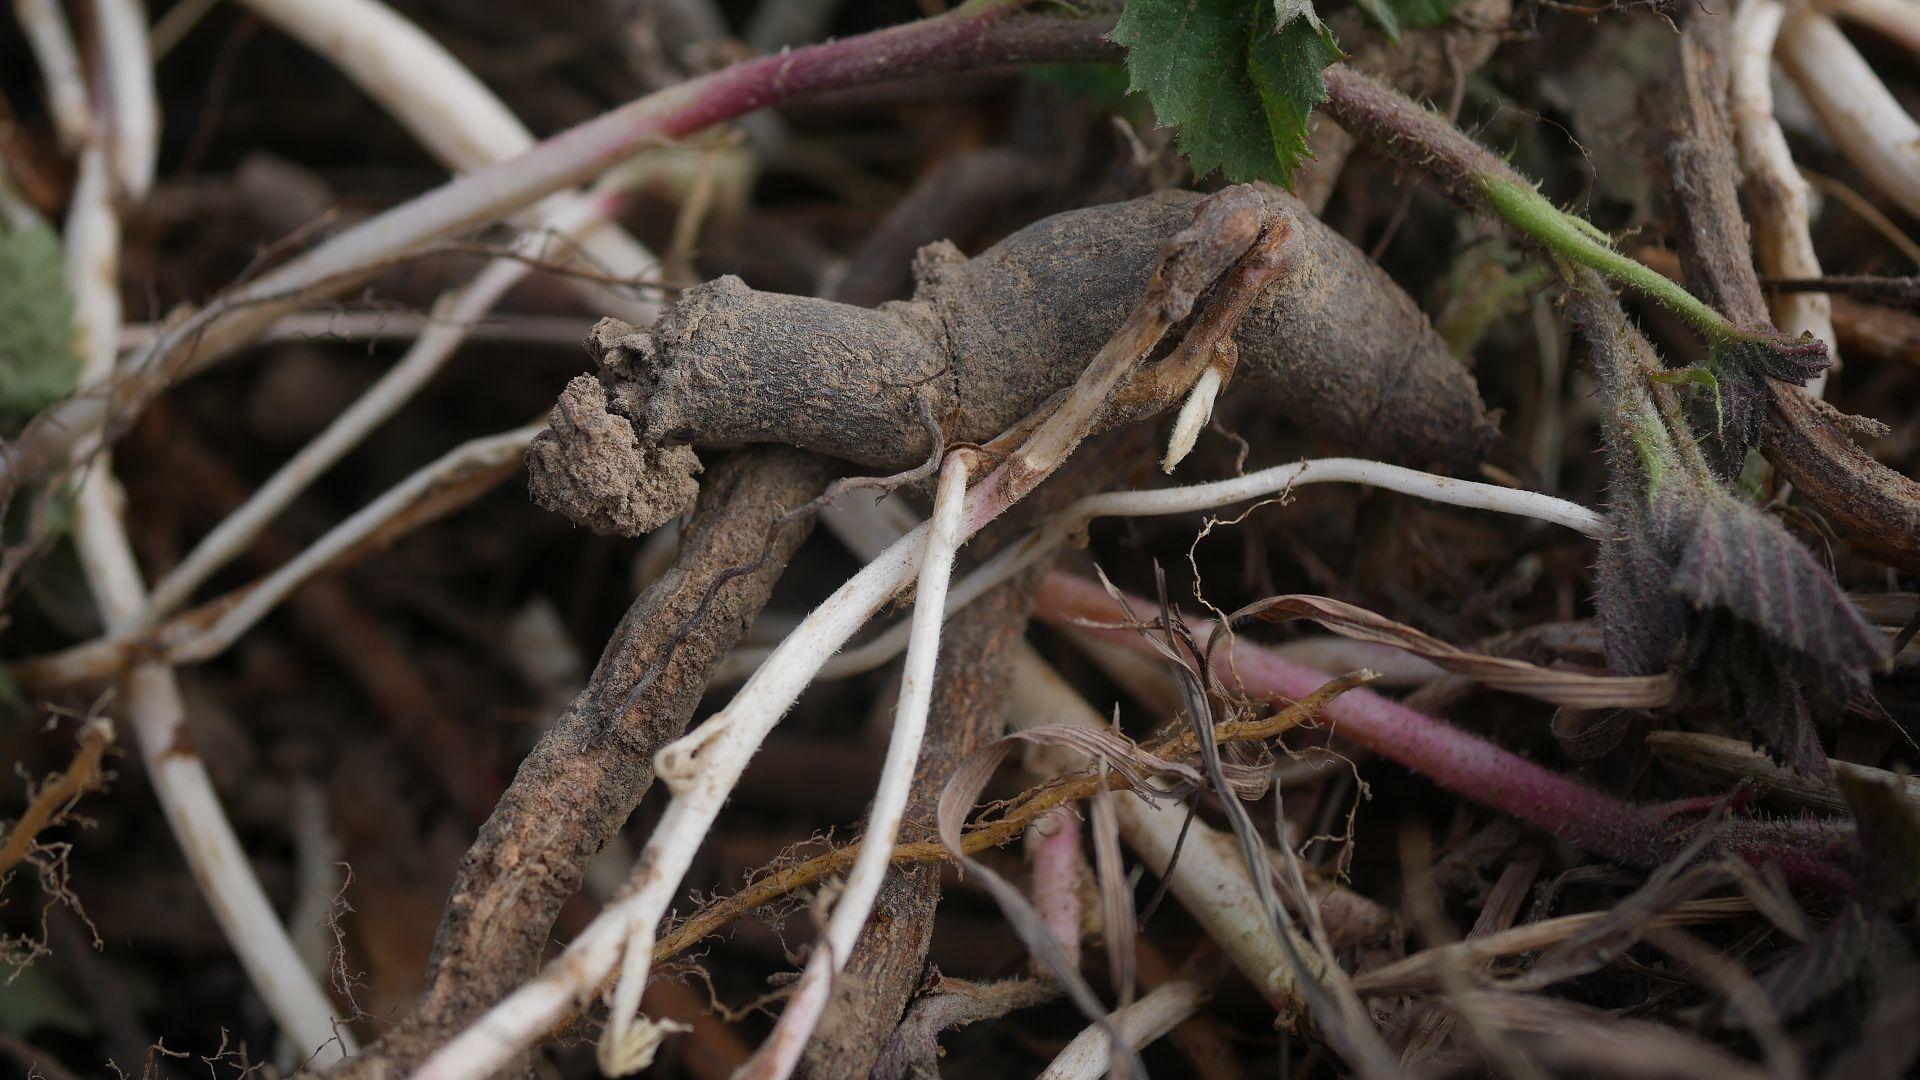 Brombeere entfernen invasive Brombeeren Brombeer Wurzeln Brombeeren im Garten Brombeer Fähigkeiten Brombeer Faszination Brombeer Eigenschaften Brombeeren verwildert